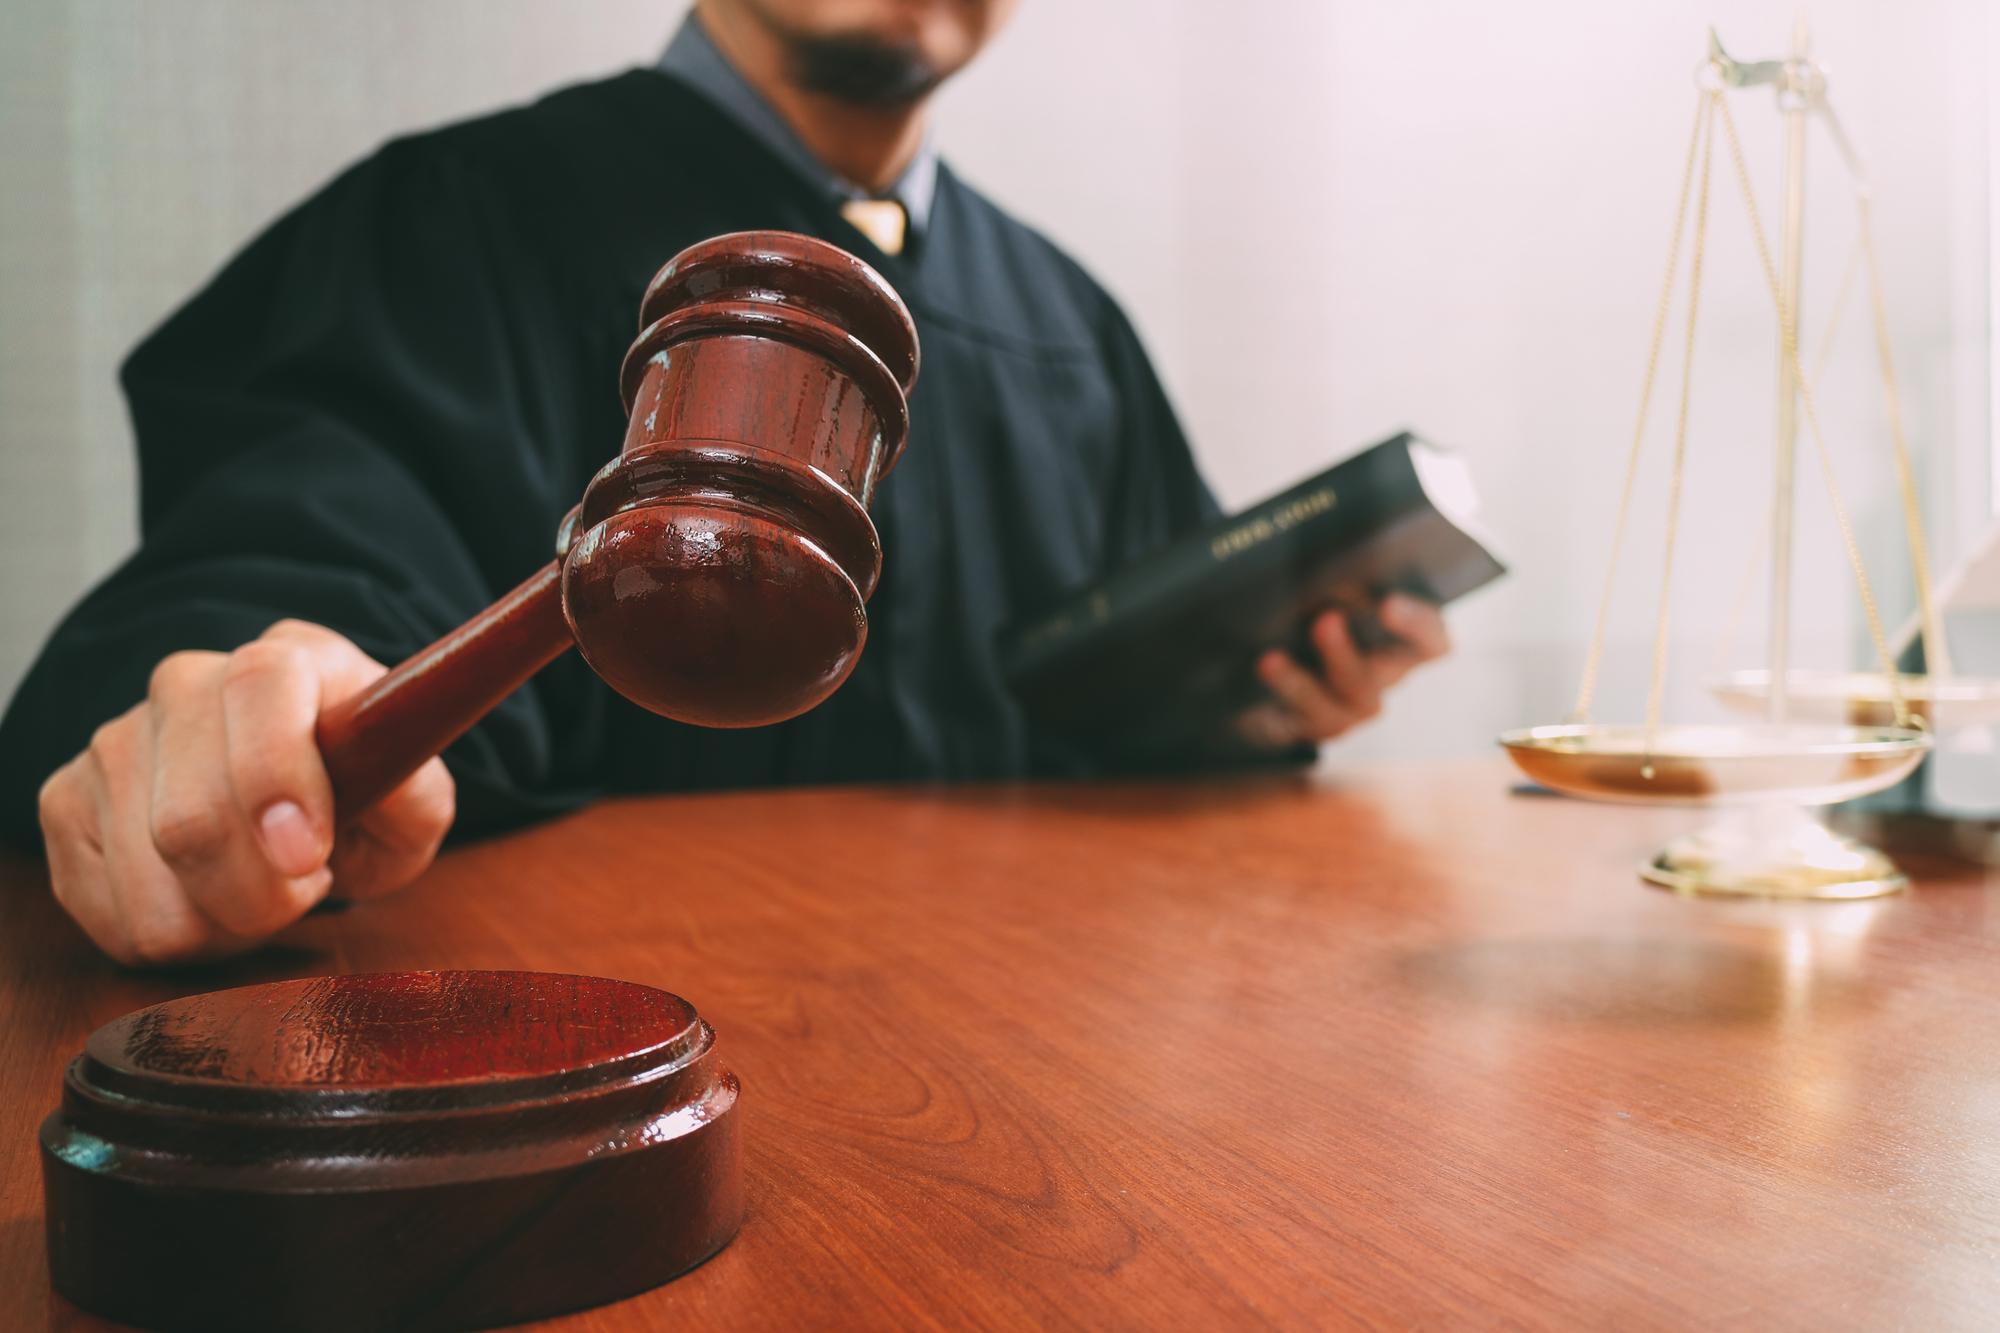 4. yargı paketinin 13. maddesi nedir? Twitter'da gündem olan 'sapık madde 13' nedir? İçeriği ne?